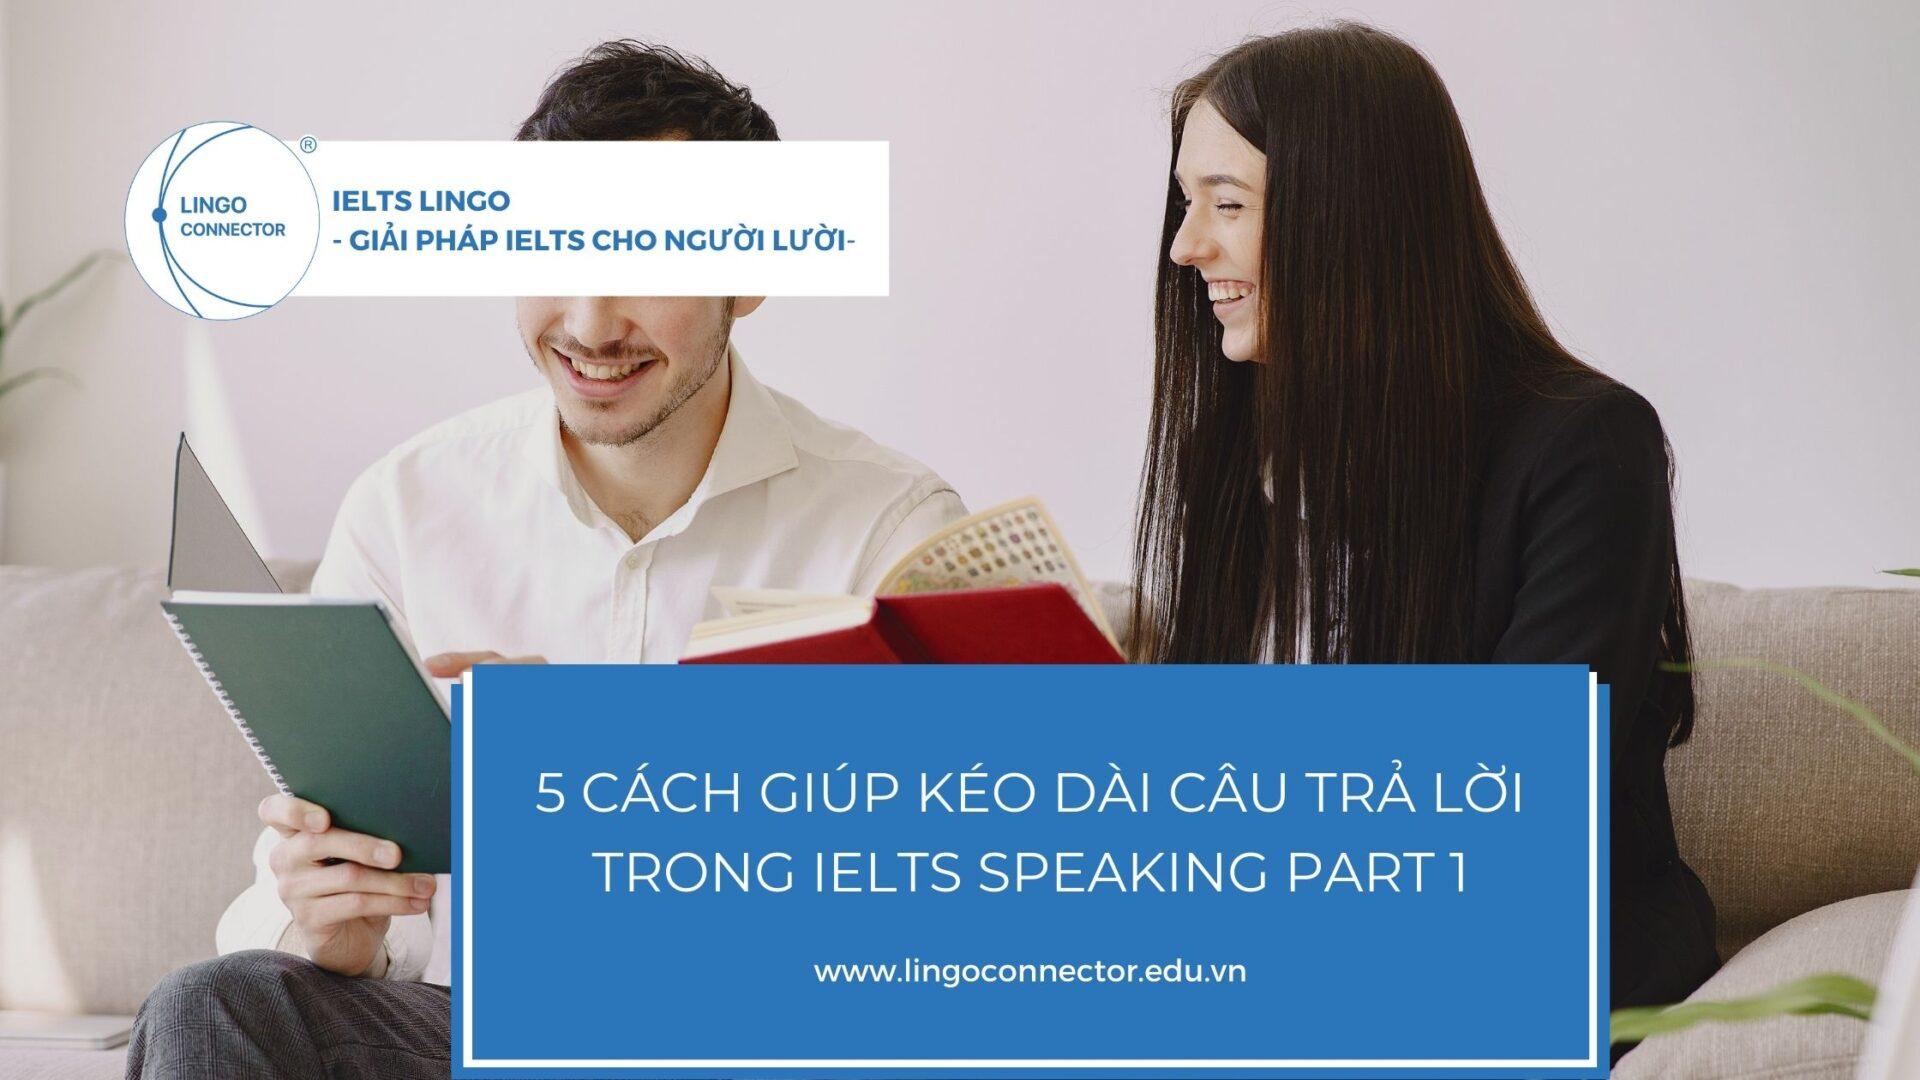 keo-dai-cau-trả-loi-ielts-speaking